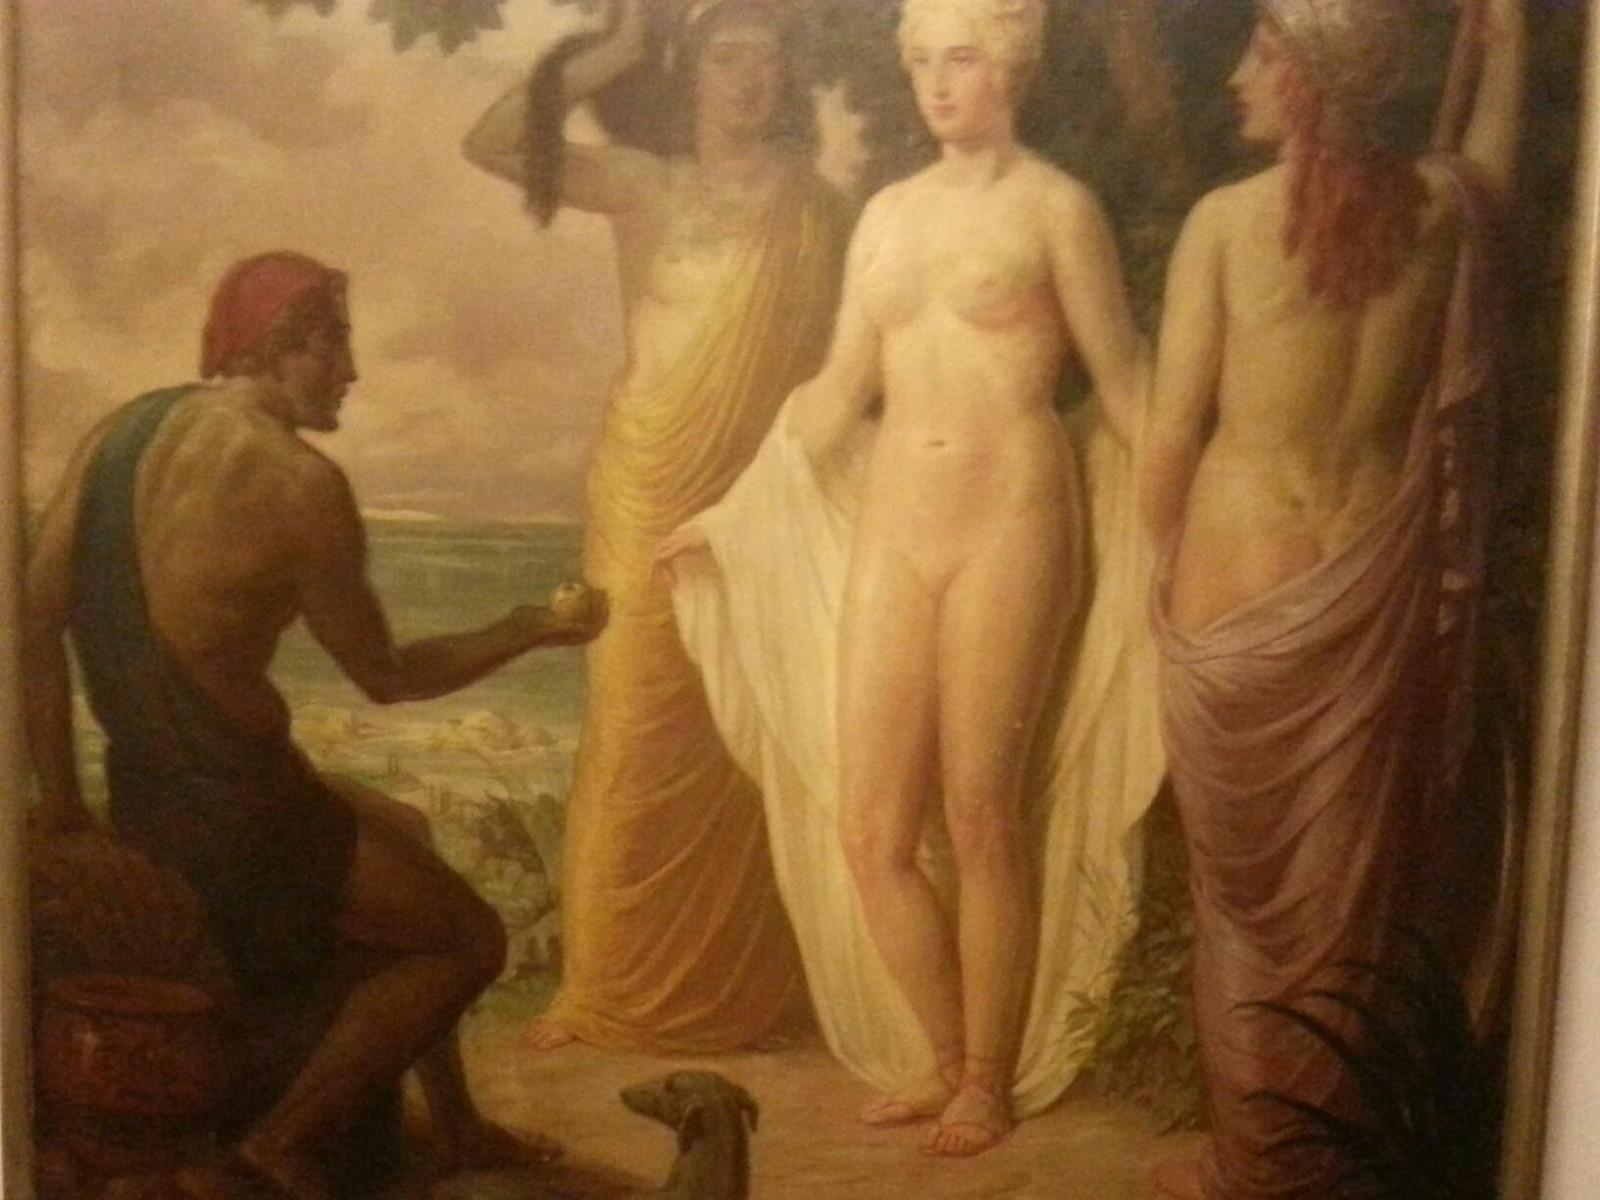 Garden of Eden 2